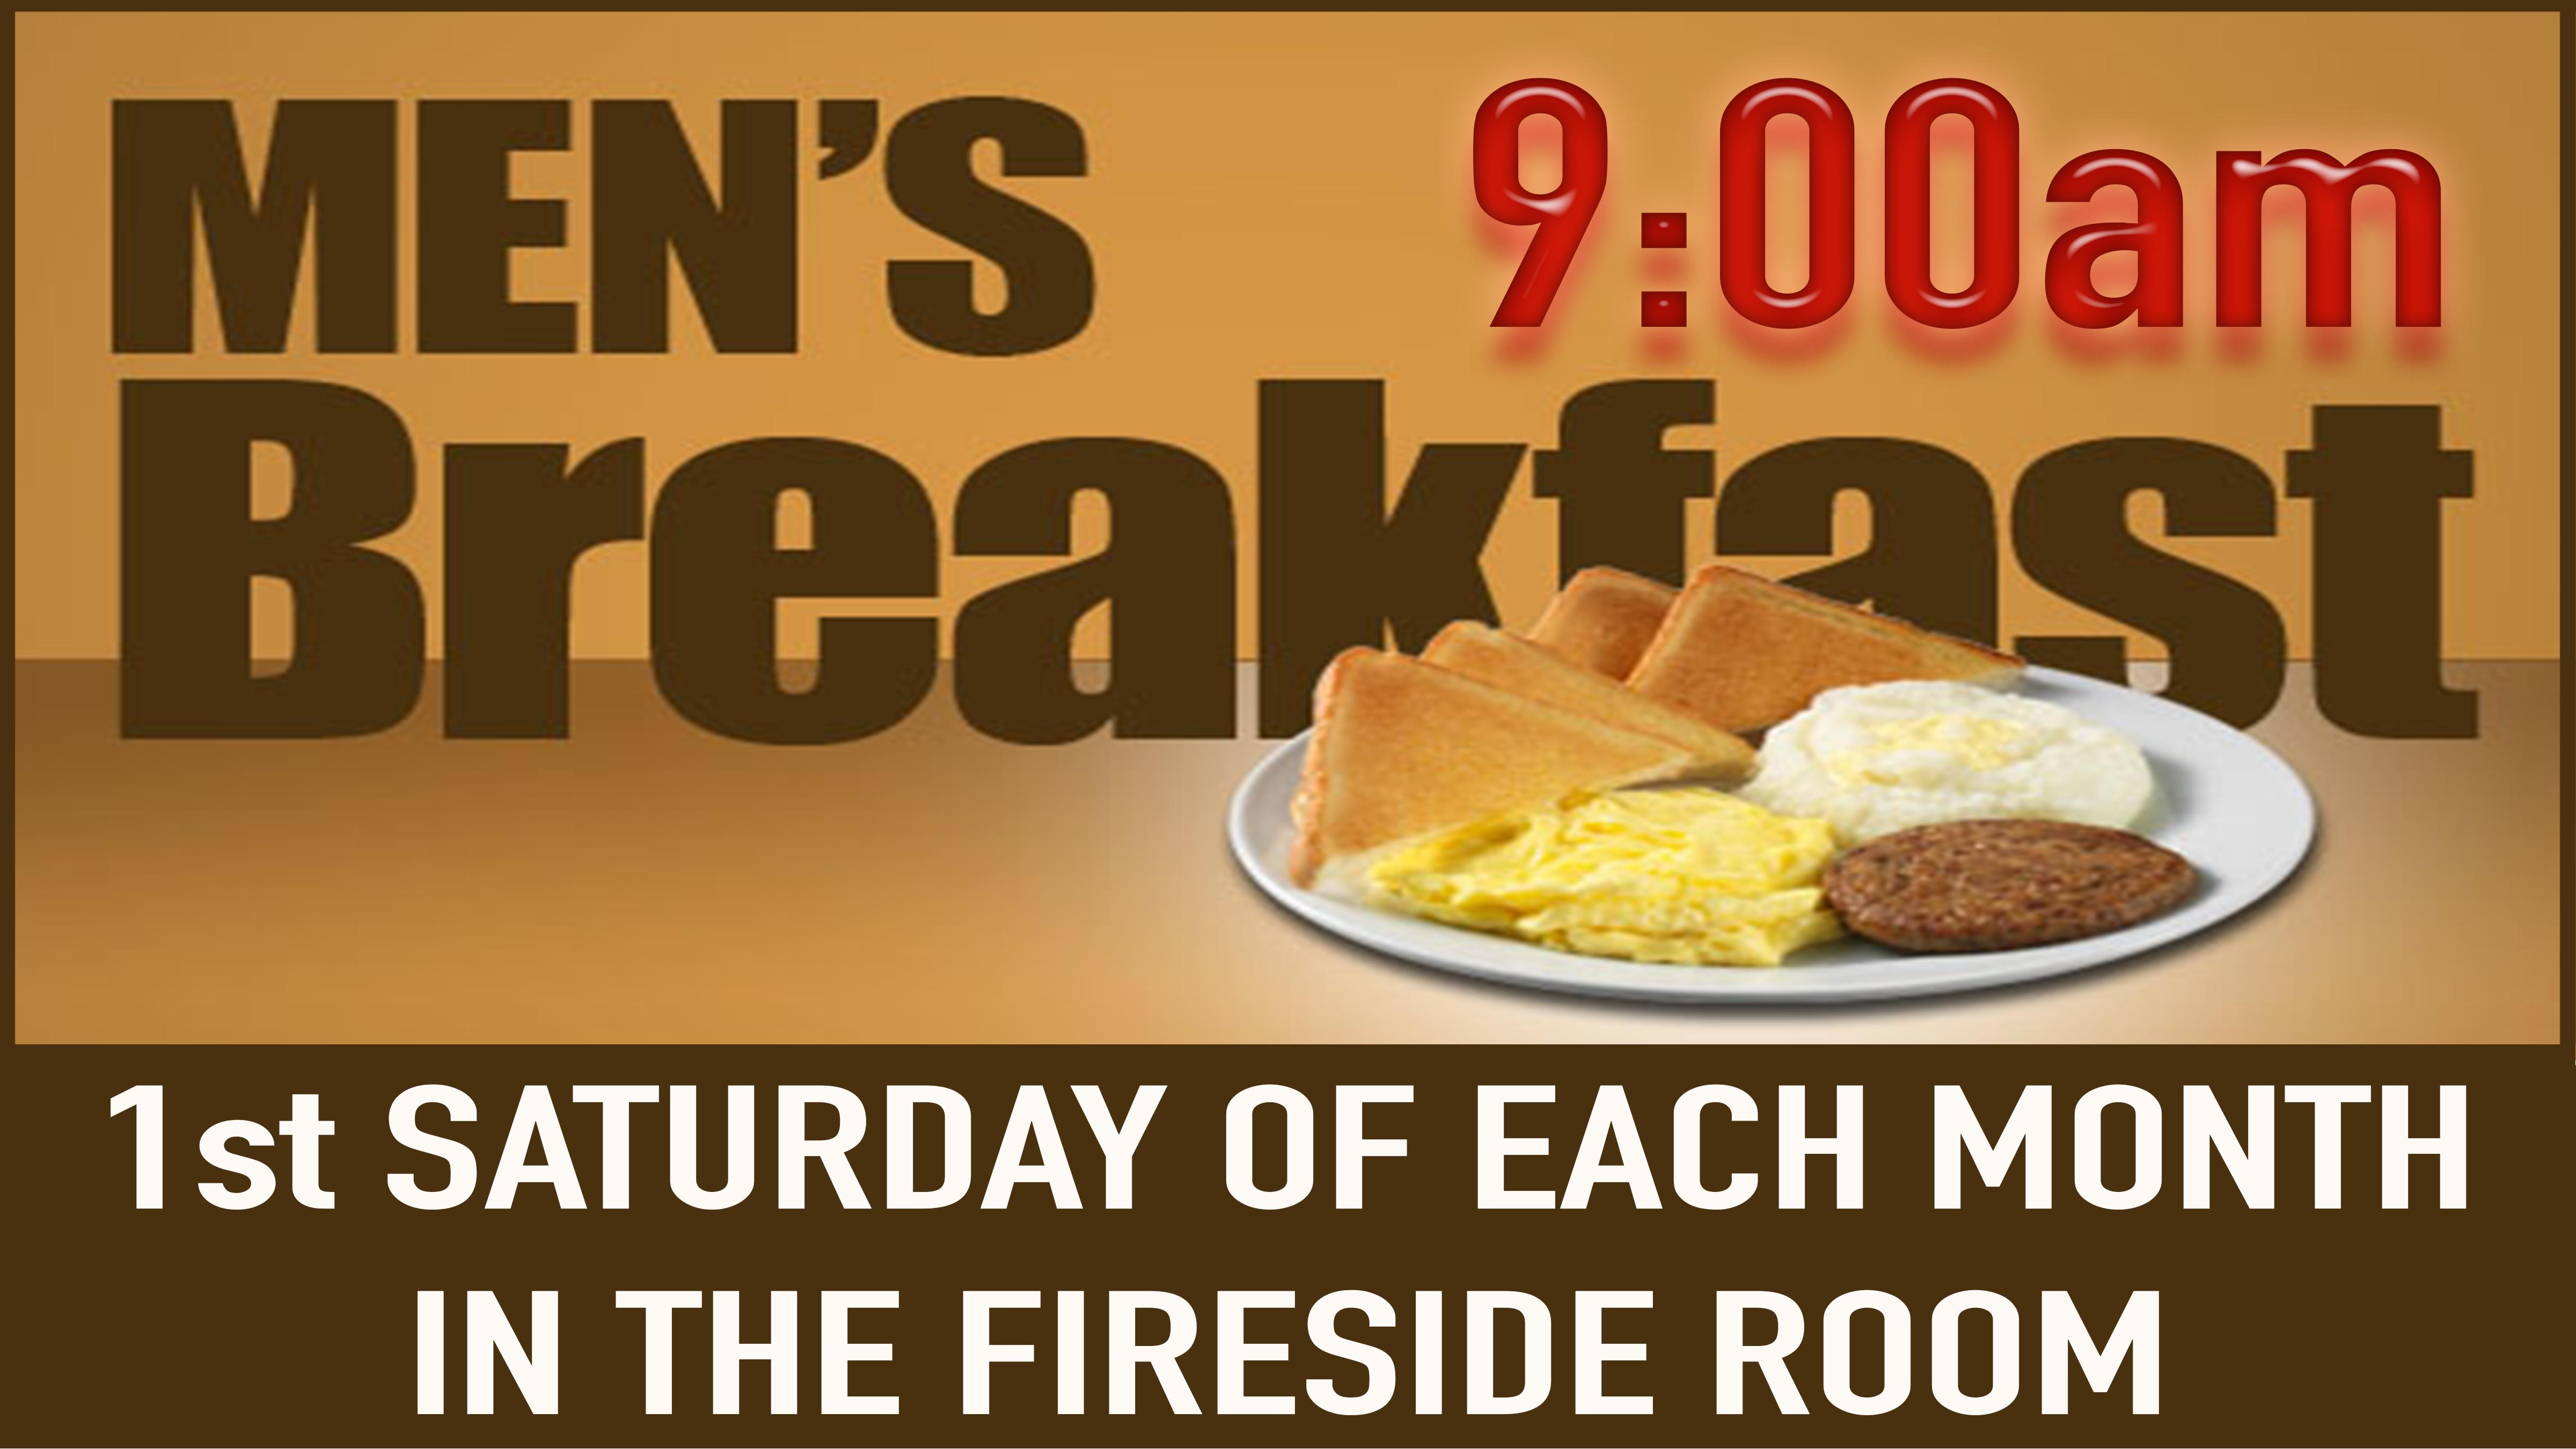 Men's Breakfast1